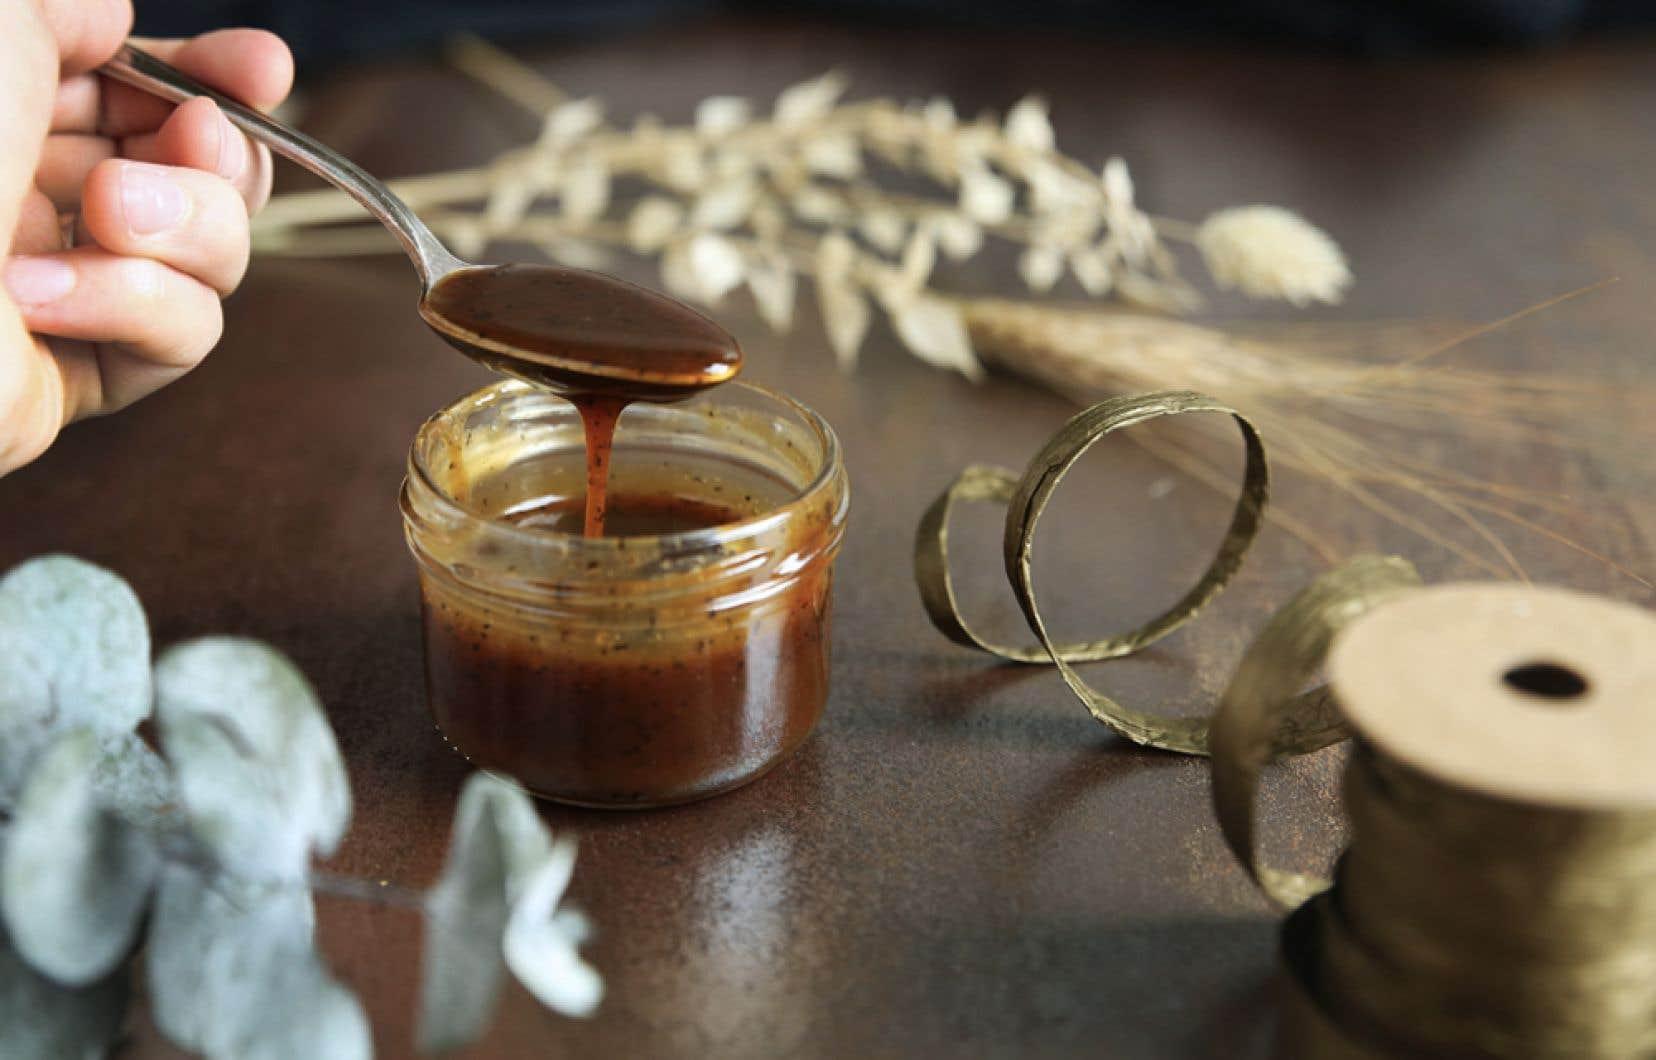 Cette recette de caramel, qui rend hommage à notre sirop d'érable, a un petit air de caramel à la fleur de sel, mais sans fleur de sel.